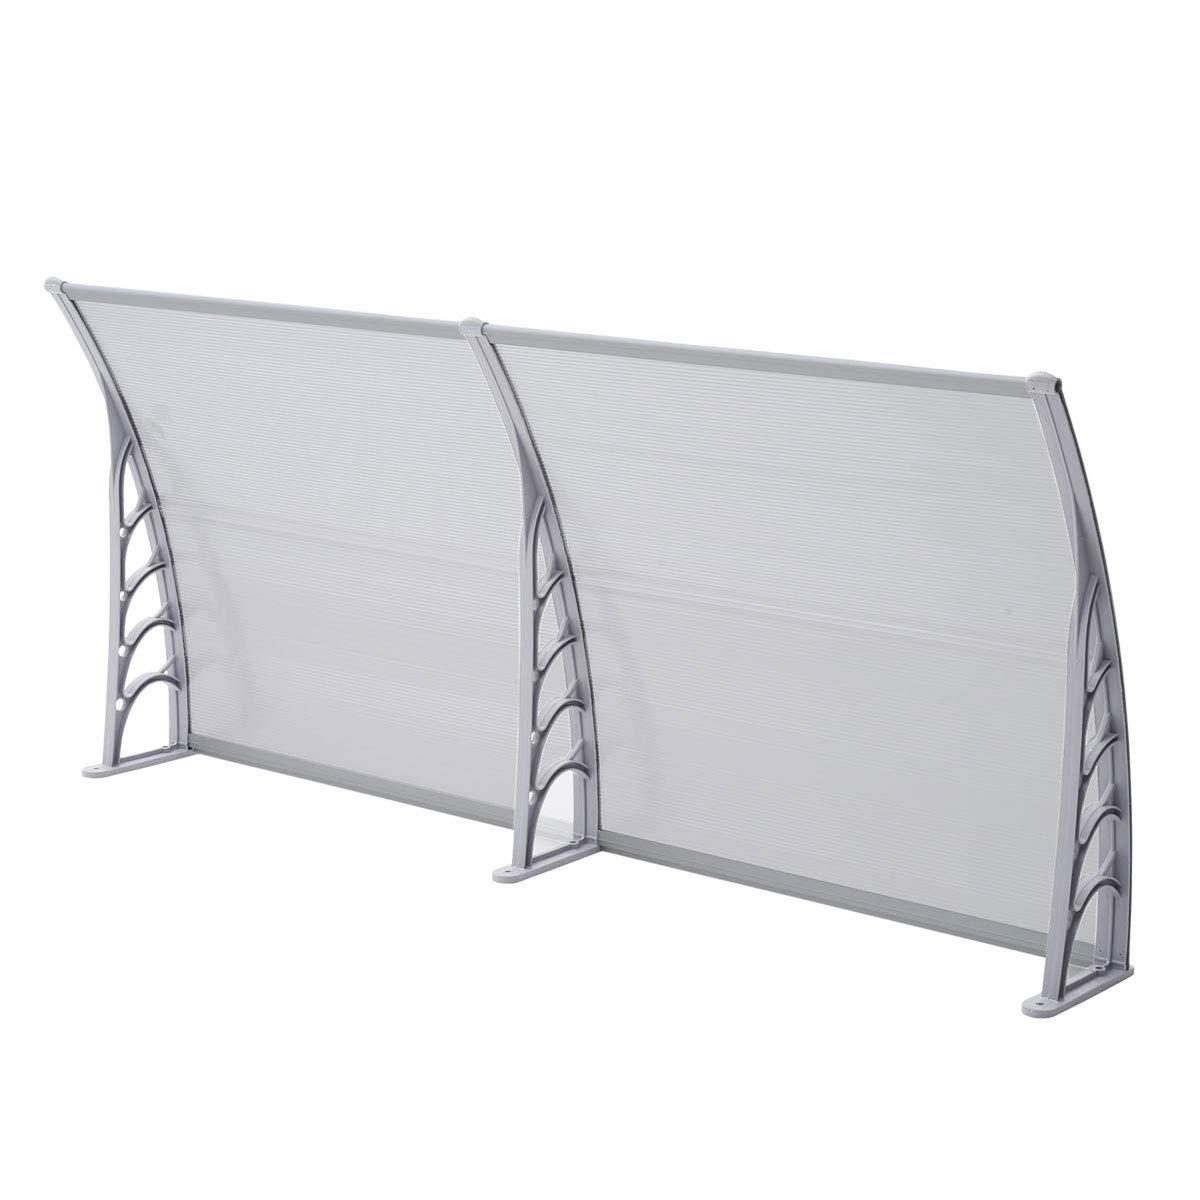 80 x 100 cm SVITA Vordach T/ür-Dach /Überdachung transparent Schutz vor Niederschlag und Witterung